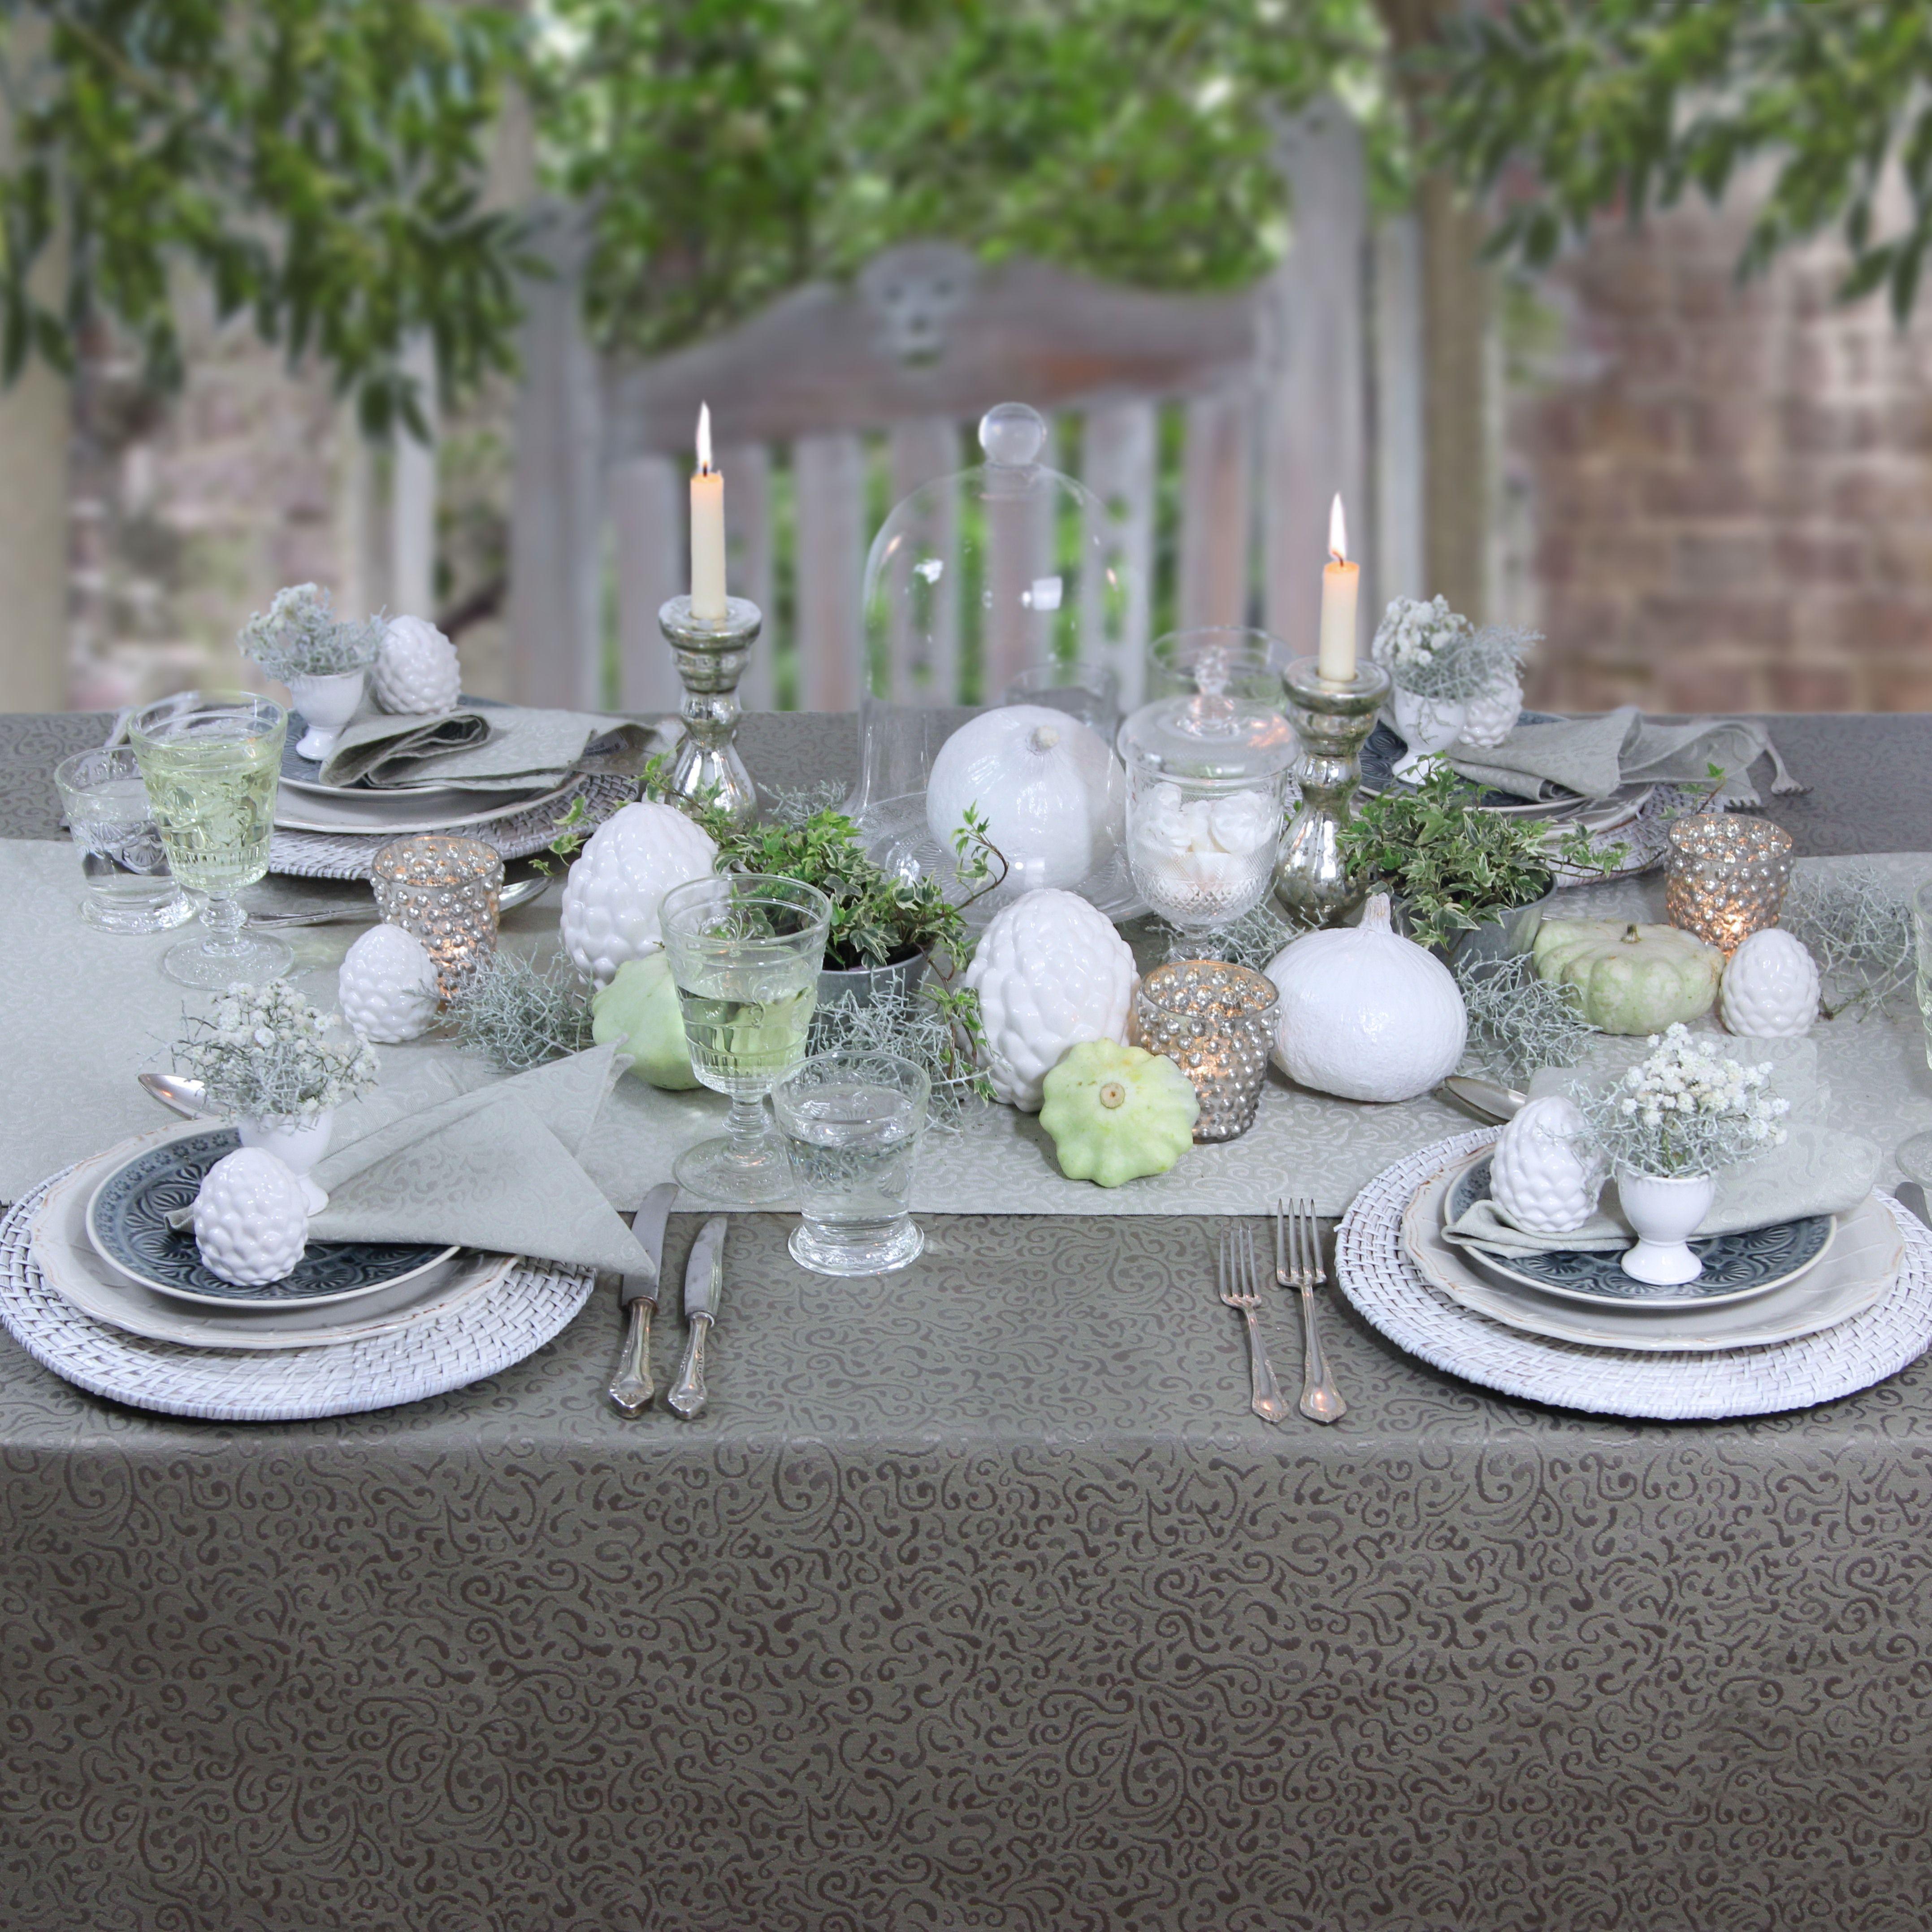 ordinary einfache dekoration und mobel tischdecke huebscher stoff fuer den gedeckten tisch #1: Spätsommer - gedeckter Tisch im Garten. Bügelfreie Tischdecke von Sander.